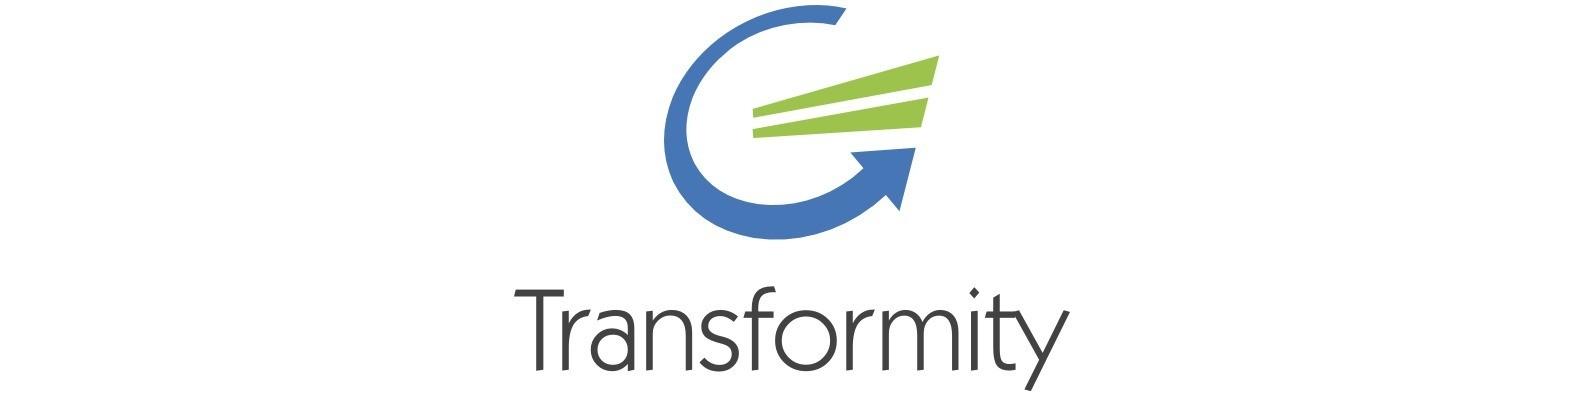 Transformitylogo